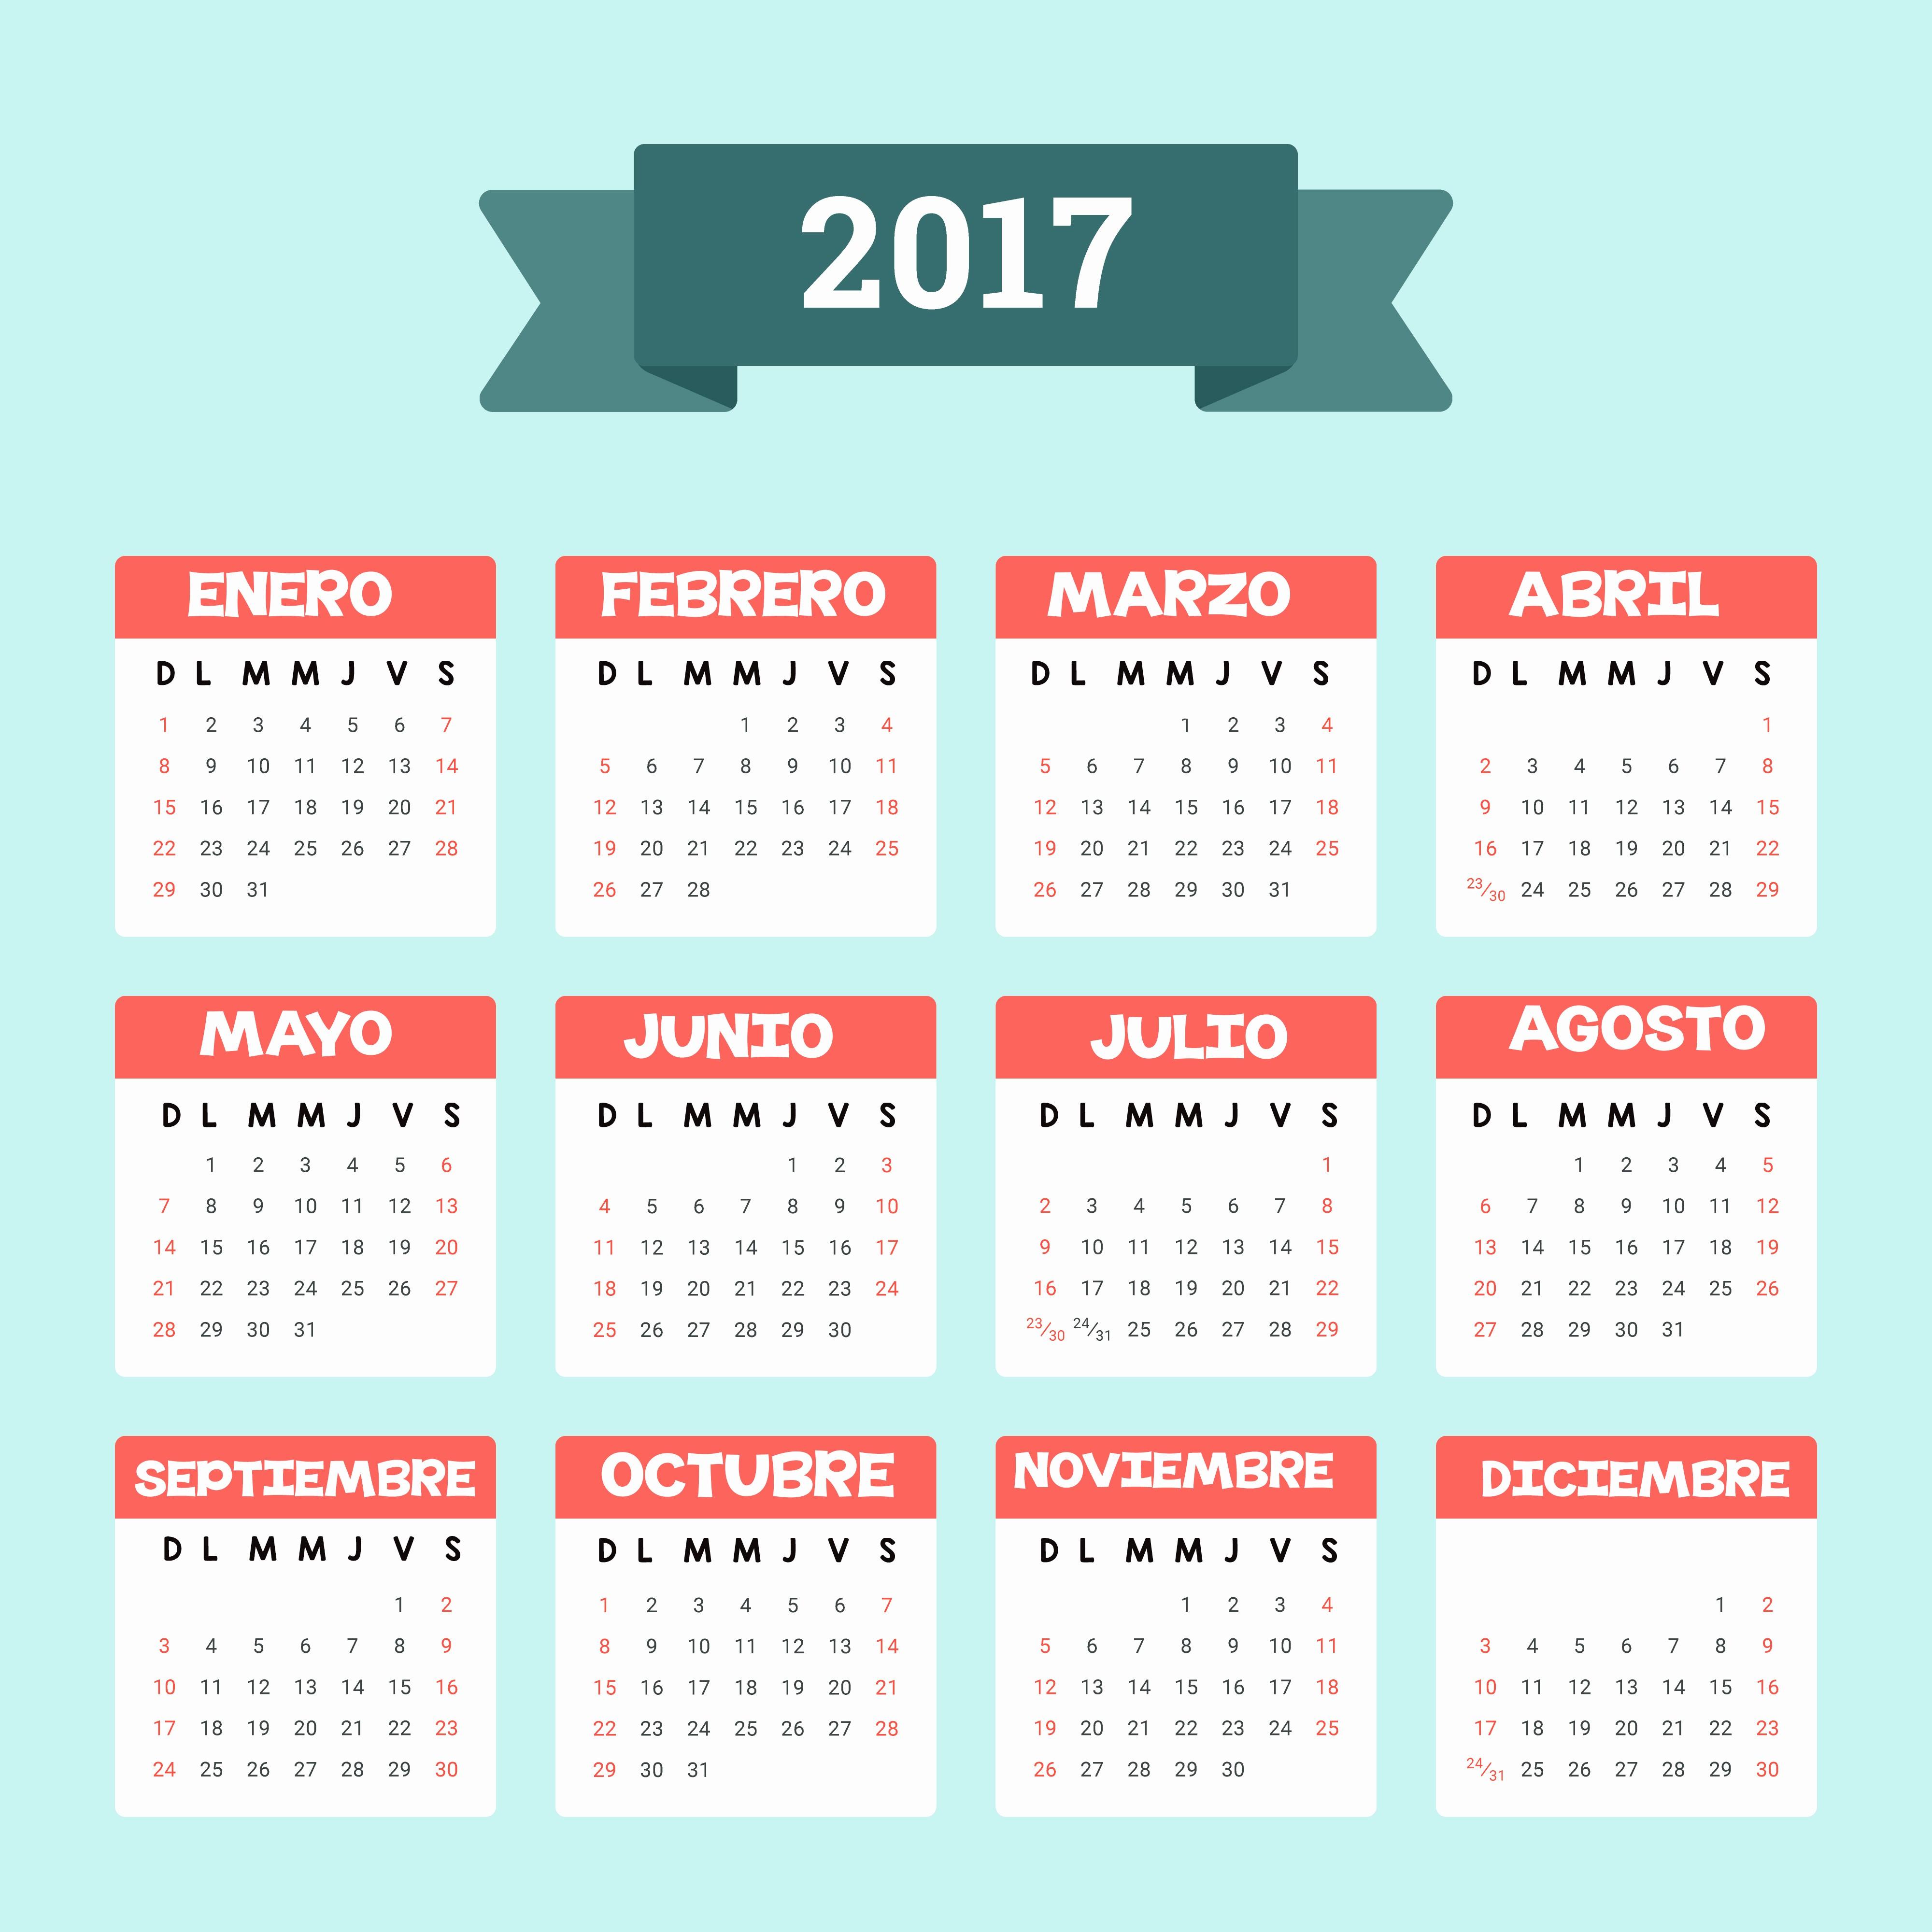 Calendario Anual 2017 Para Imprimir Elegant Calendario 2017 Más De 150 Plantillas Para Imprimir Y